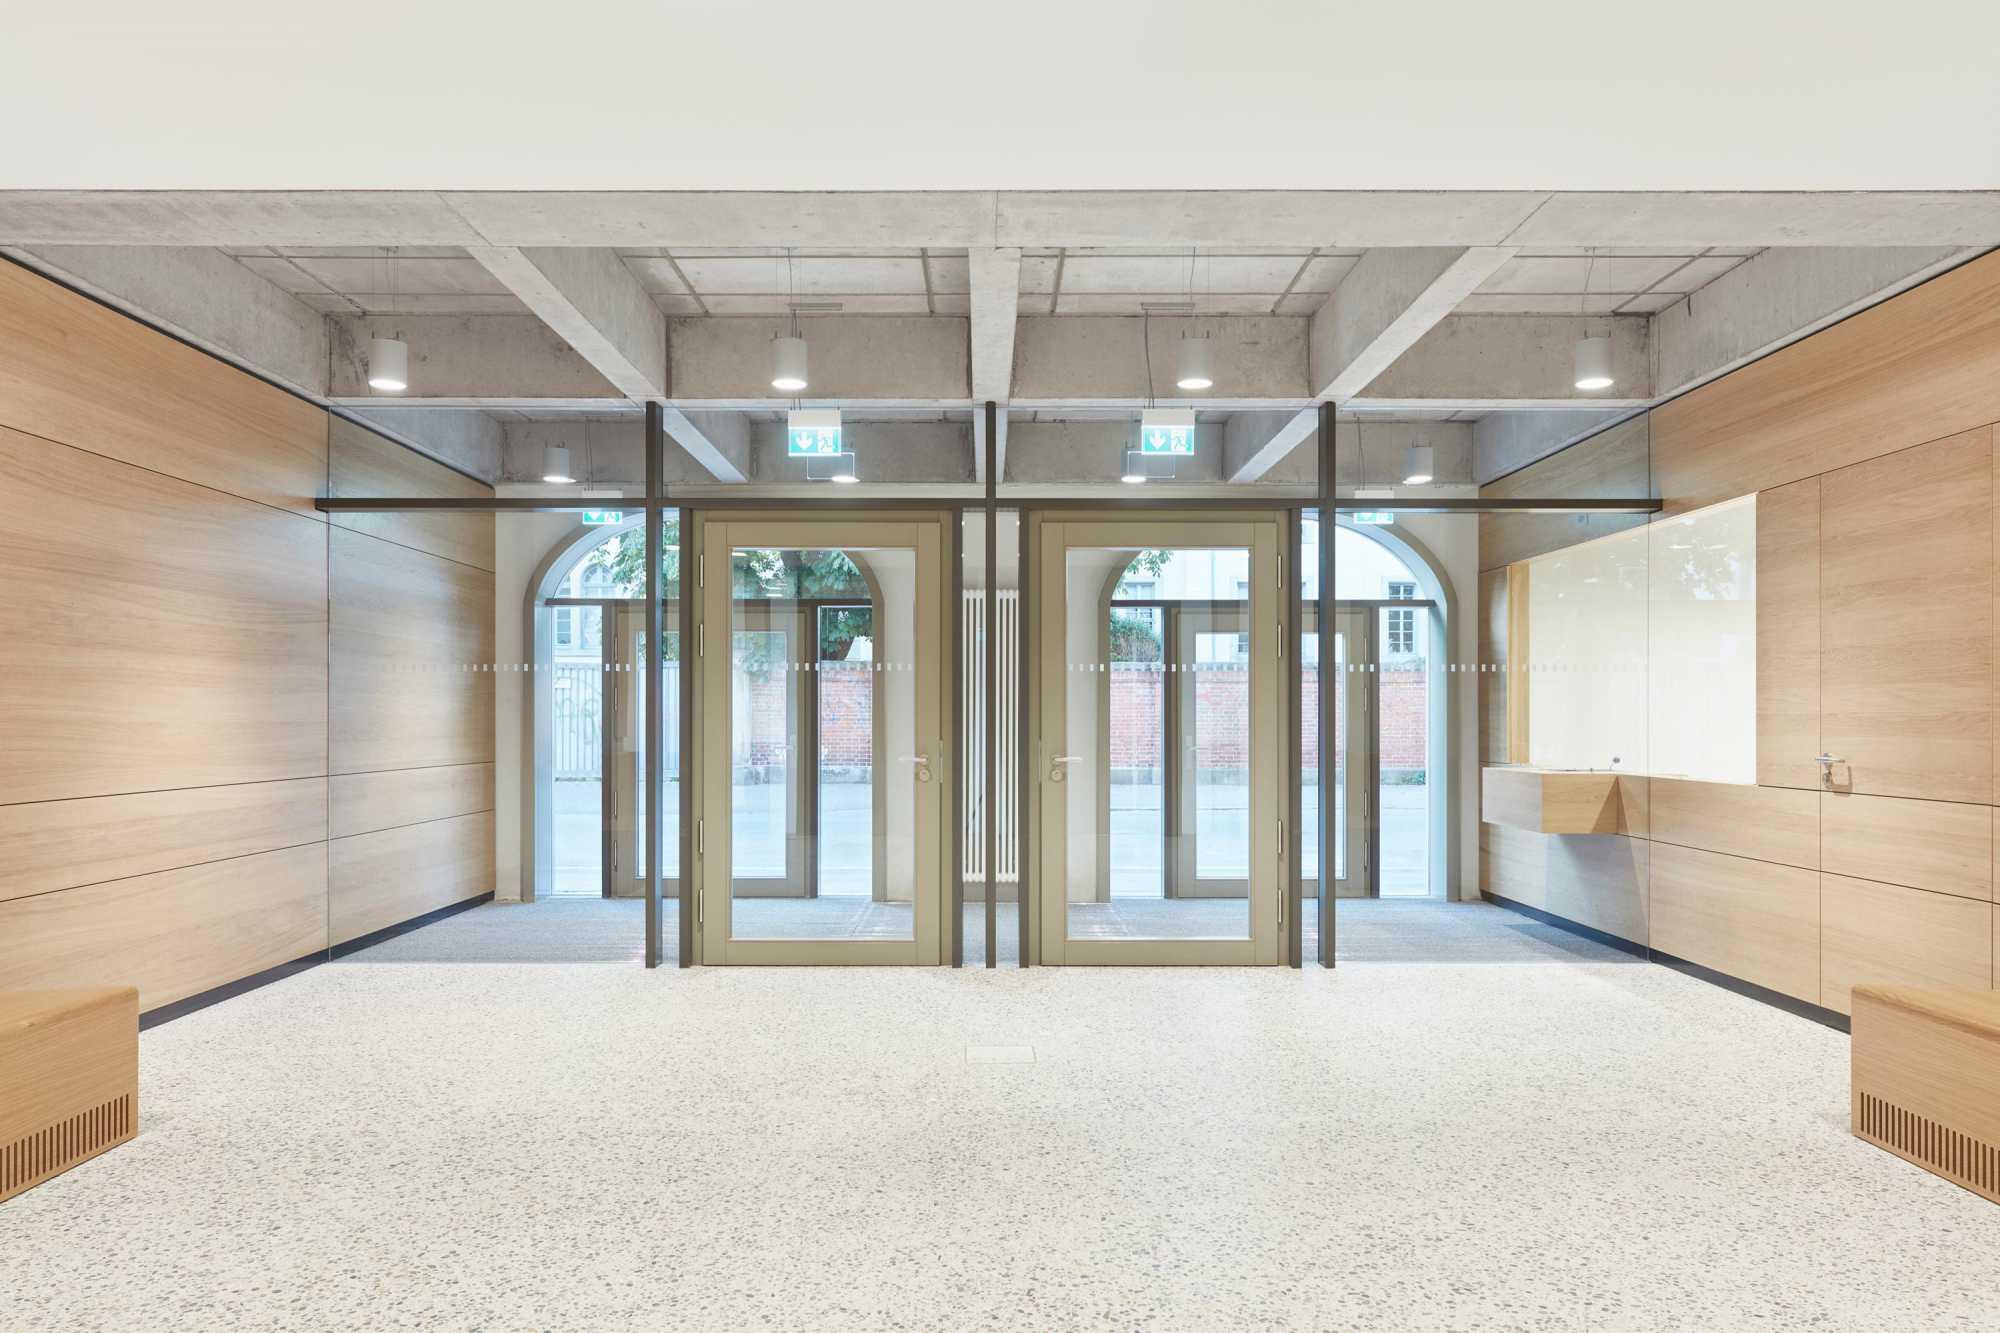 Amts-, Nachlass, und Betreuungsgerichts heute im Newsletter des md INTERIOR DESIGN ARCHITECTURE Magazins vorgestellt ({project_images:field_row_count})